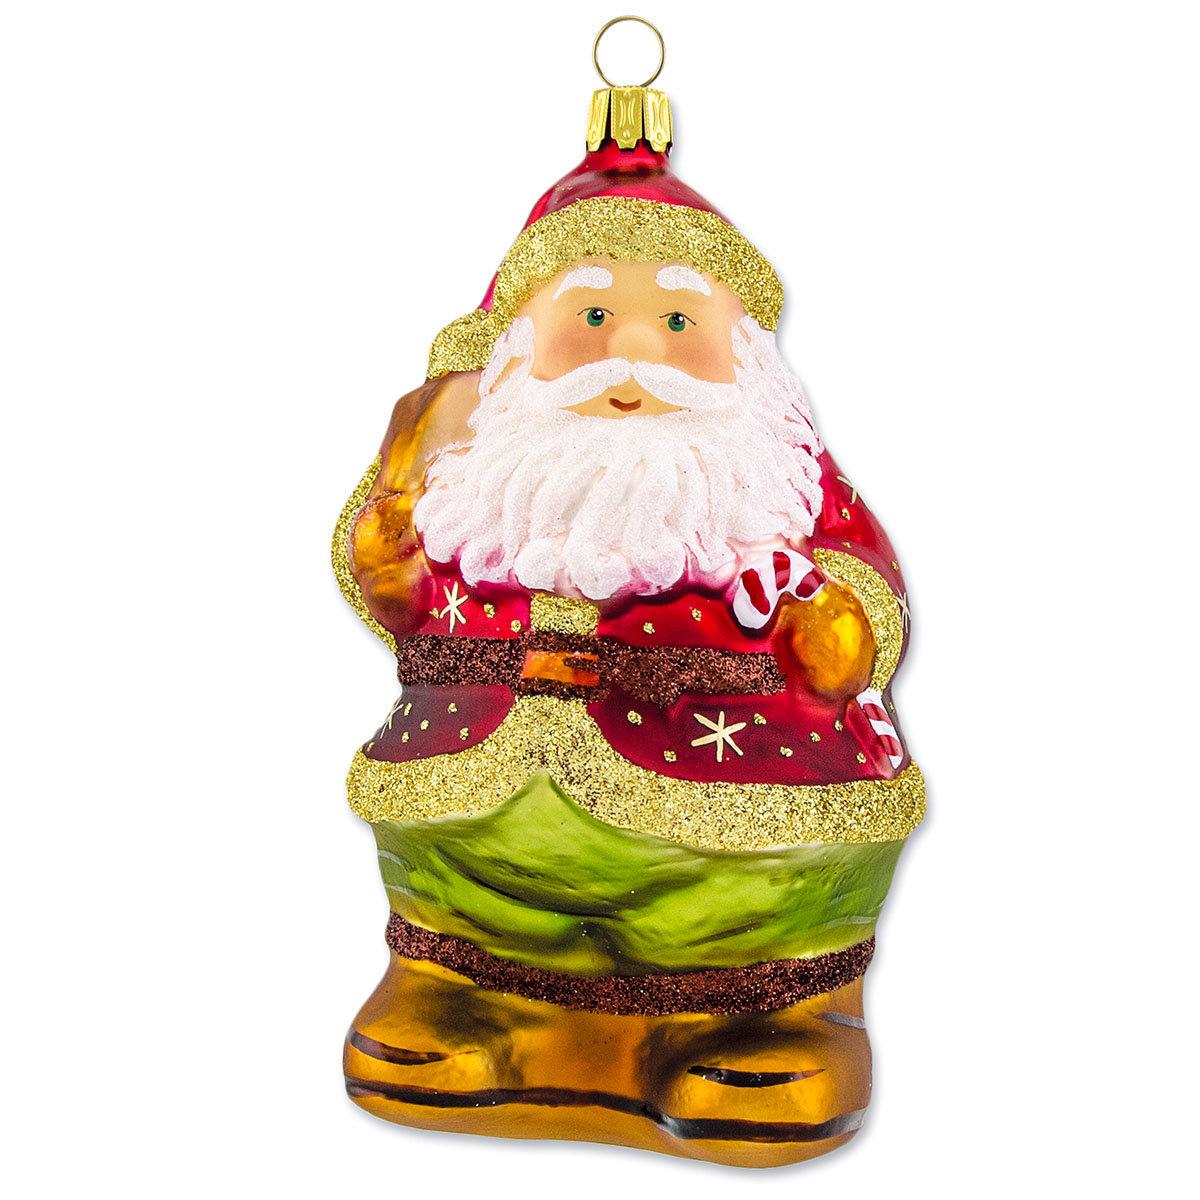 Christbaumschmuck - Weihnachtsmann mit Zuckerstange, 15 cm, mundgeblasen